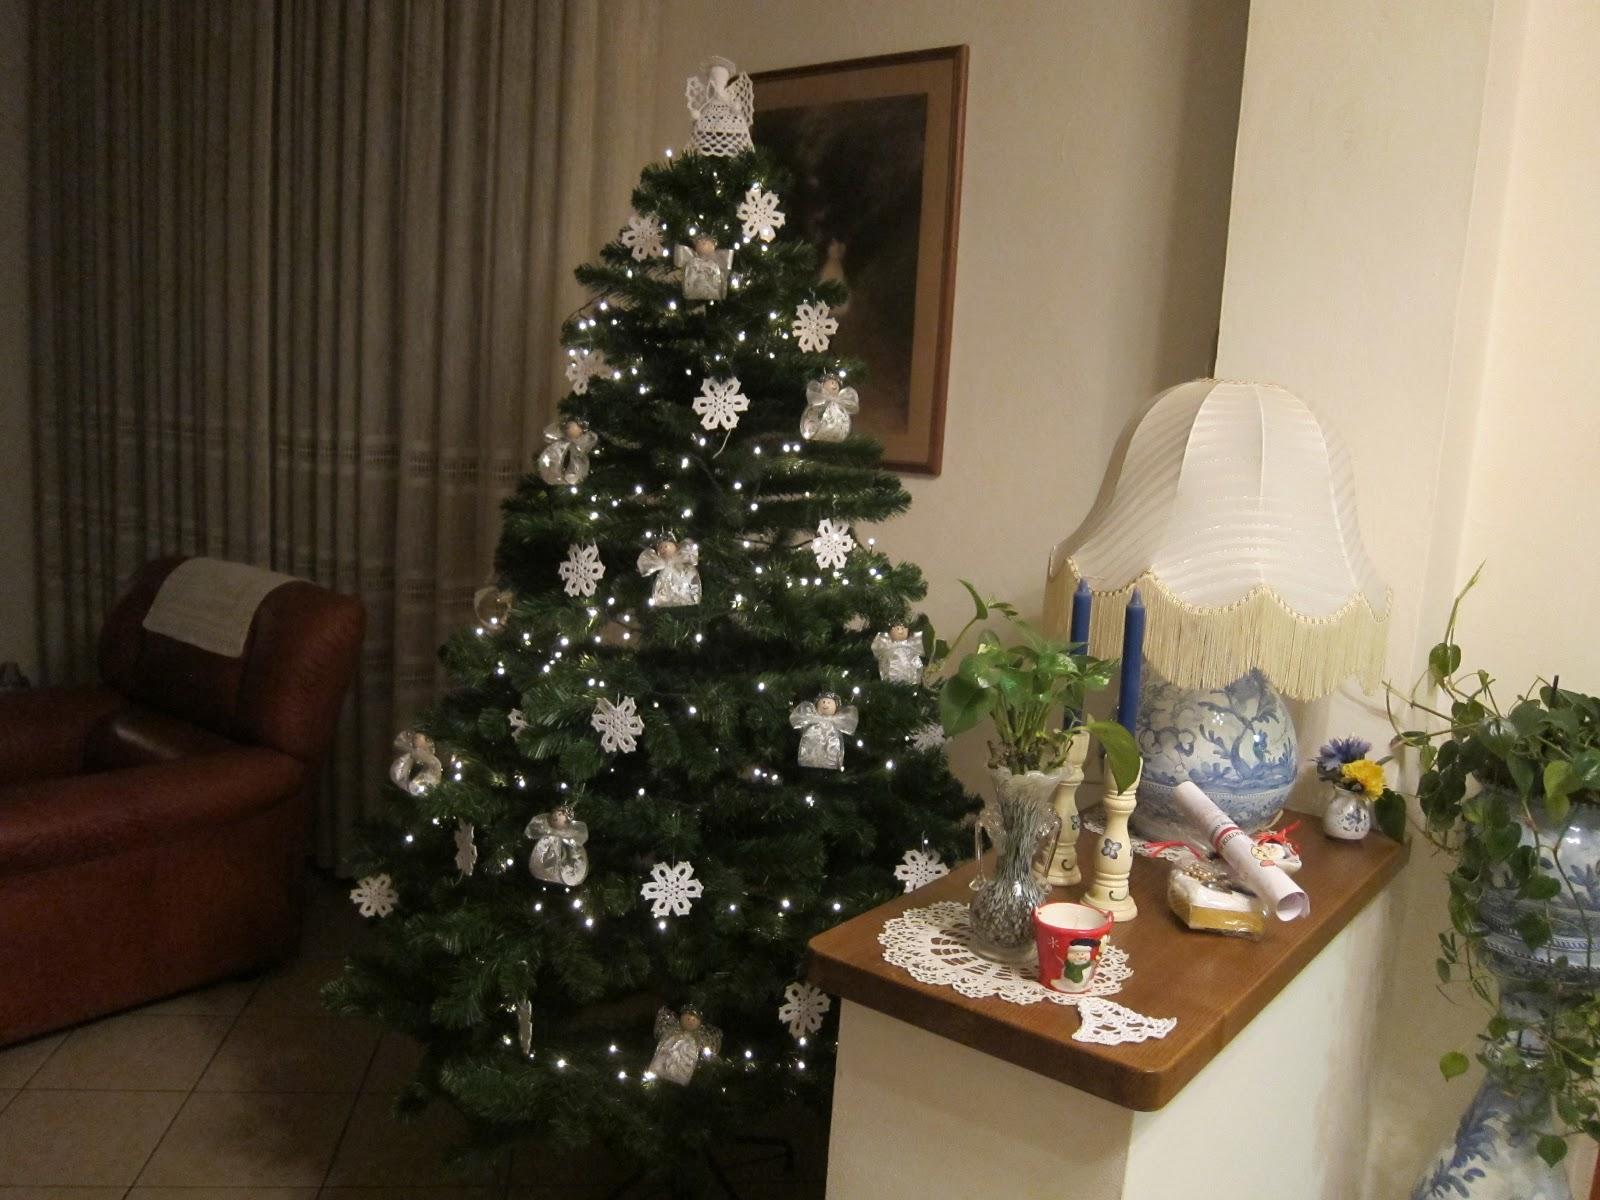 Mil di tutto e di pi buon anno - Nastri decorativi per albero di natale ...